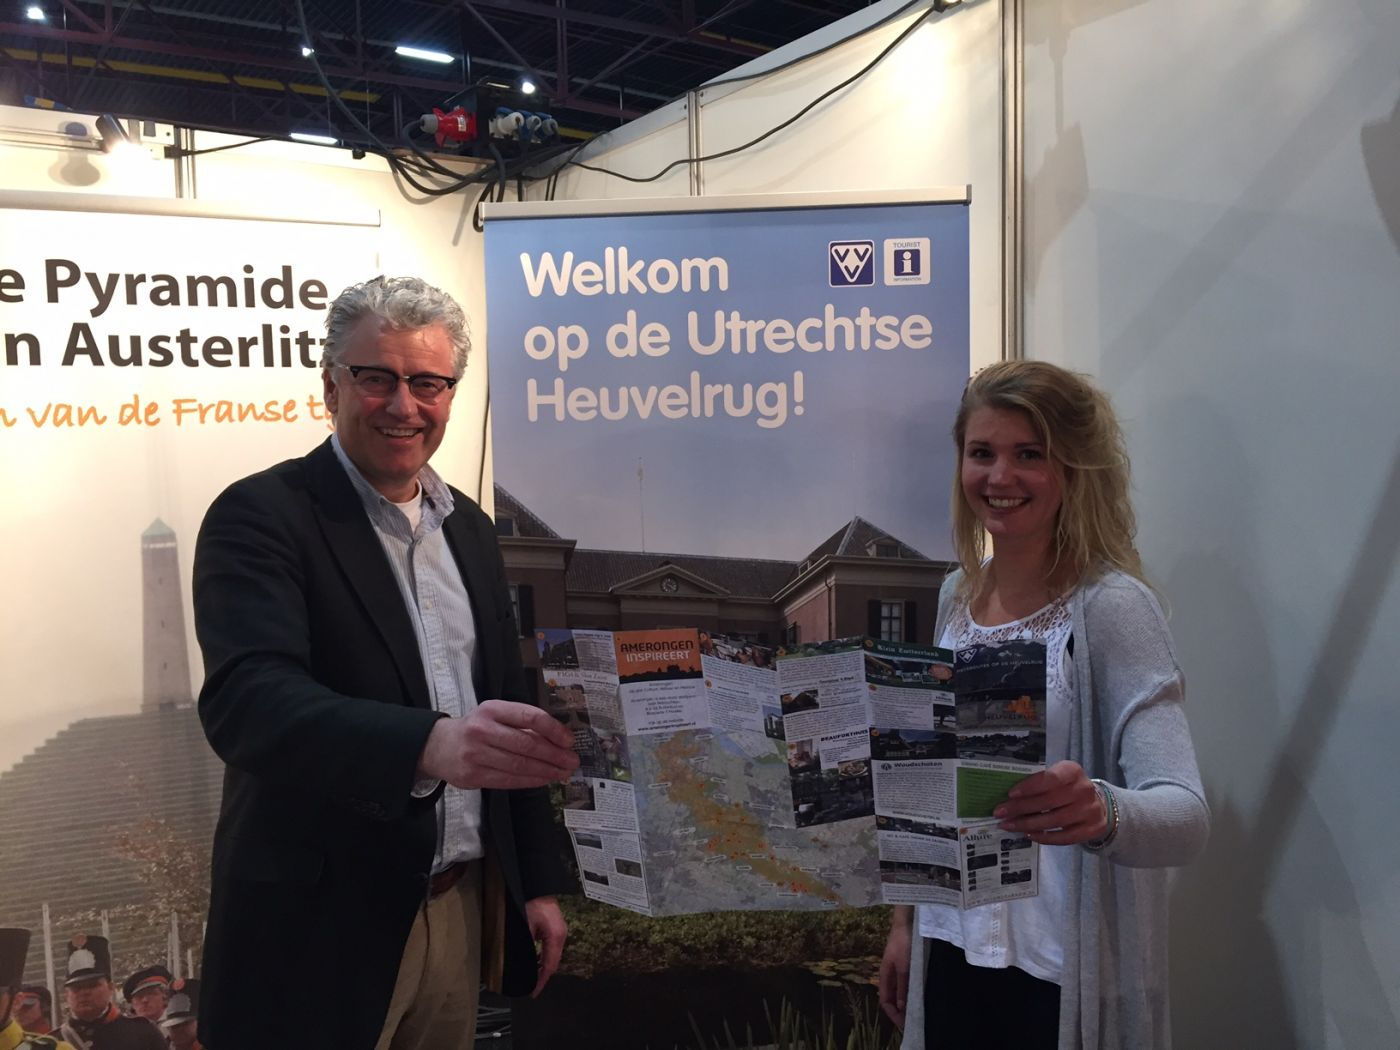 Allureparken weer in Leeuwarden gepresenteerd op de Caravana